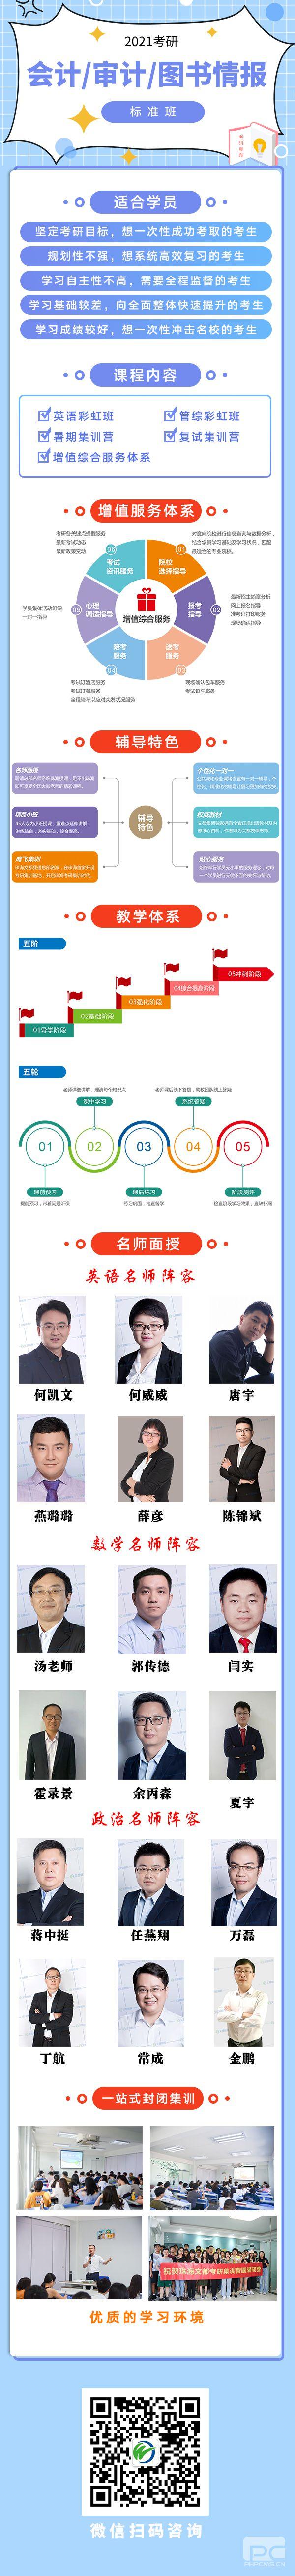 21考研会计/审计/图书情报标准班_中山考研